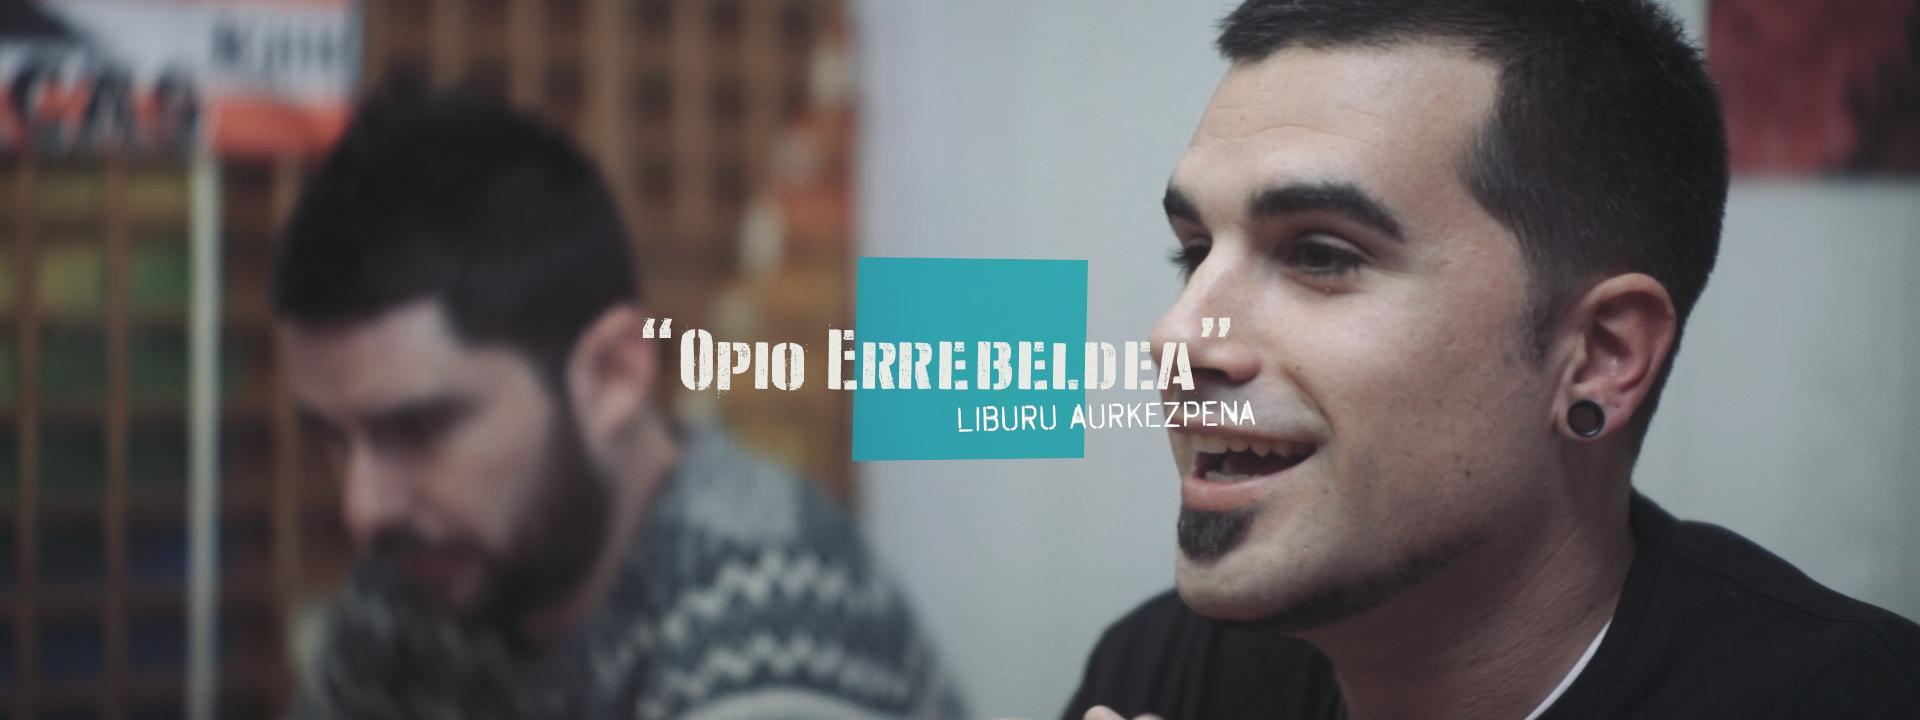 OPIO ERREBELDEA